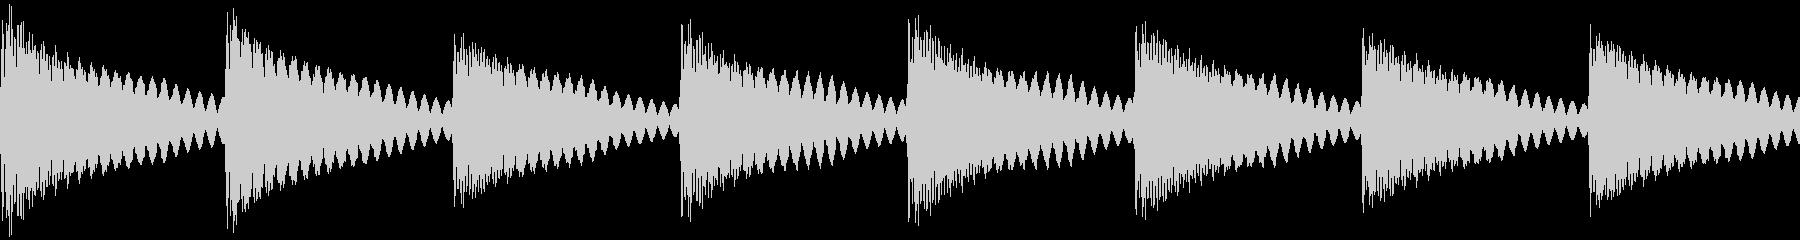 踏切・遮断機(カンカンカン)の未再生の波形